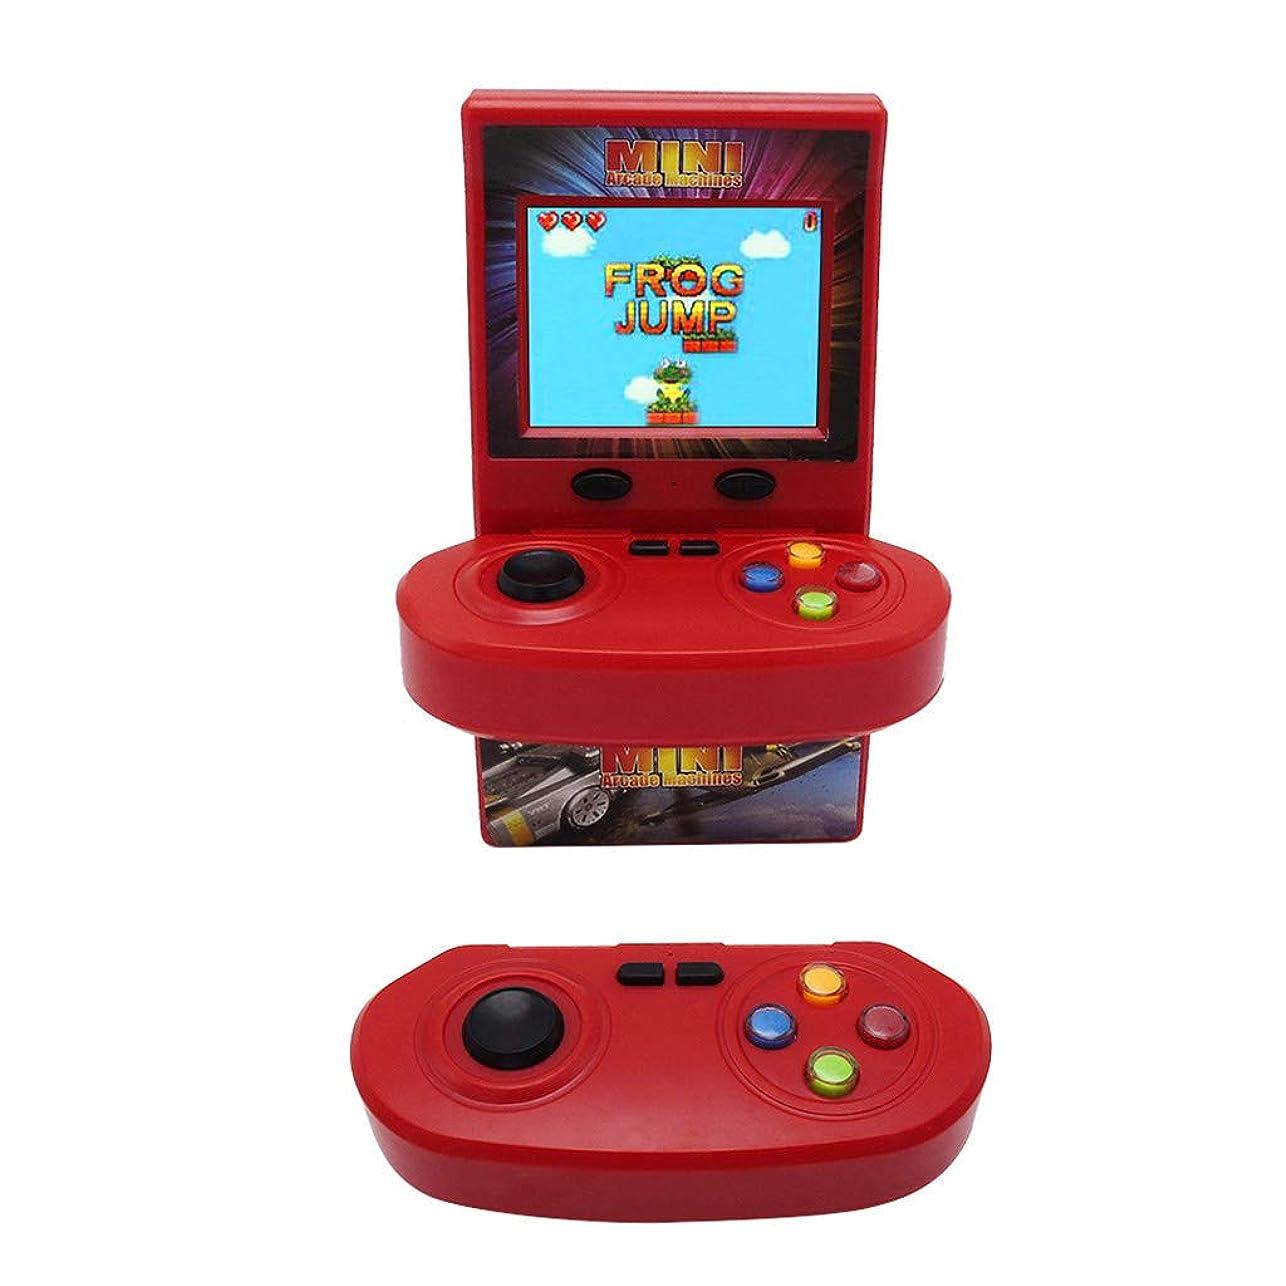 十億いたずらな放映ゲームコンソール ダブルワイヤレスジョイスティック アーケードゲーム コンソール ノスタルジック 100ゲーム ゲームプレーヤー ダブルハンドル 携帯ゲーム機huajuan